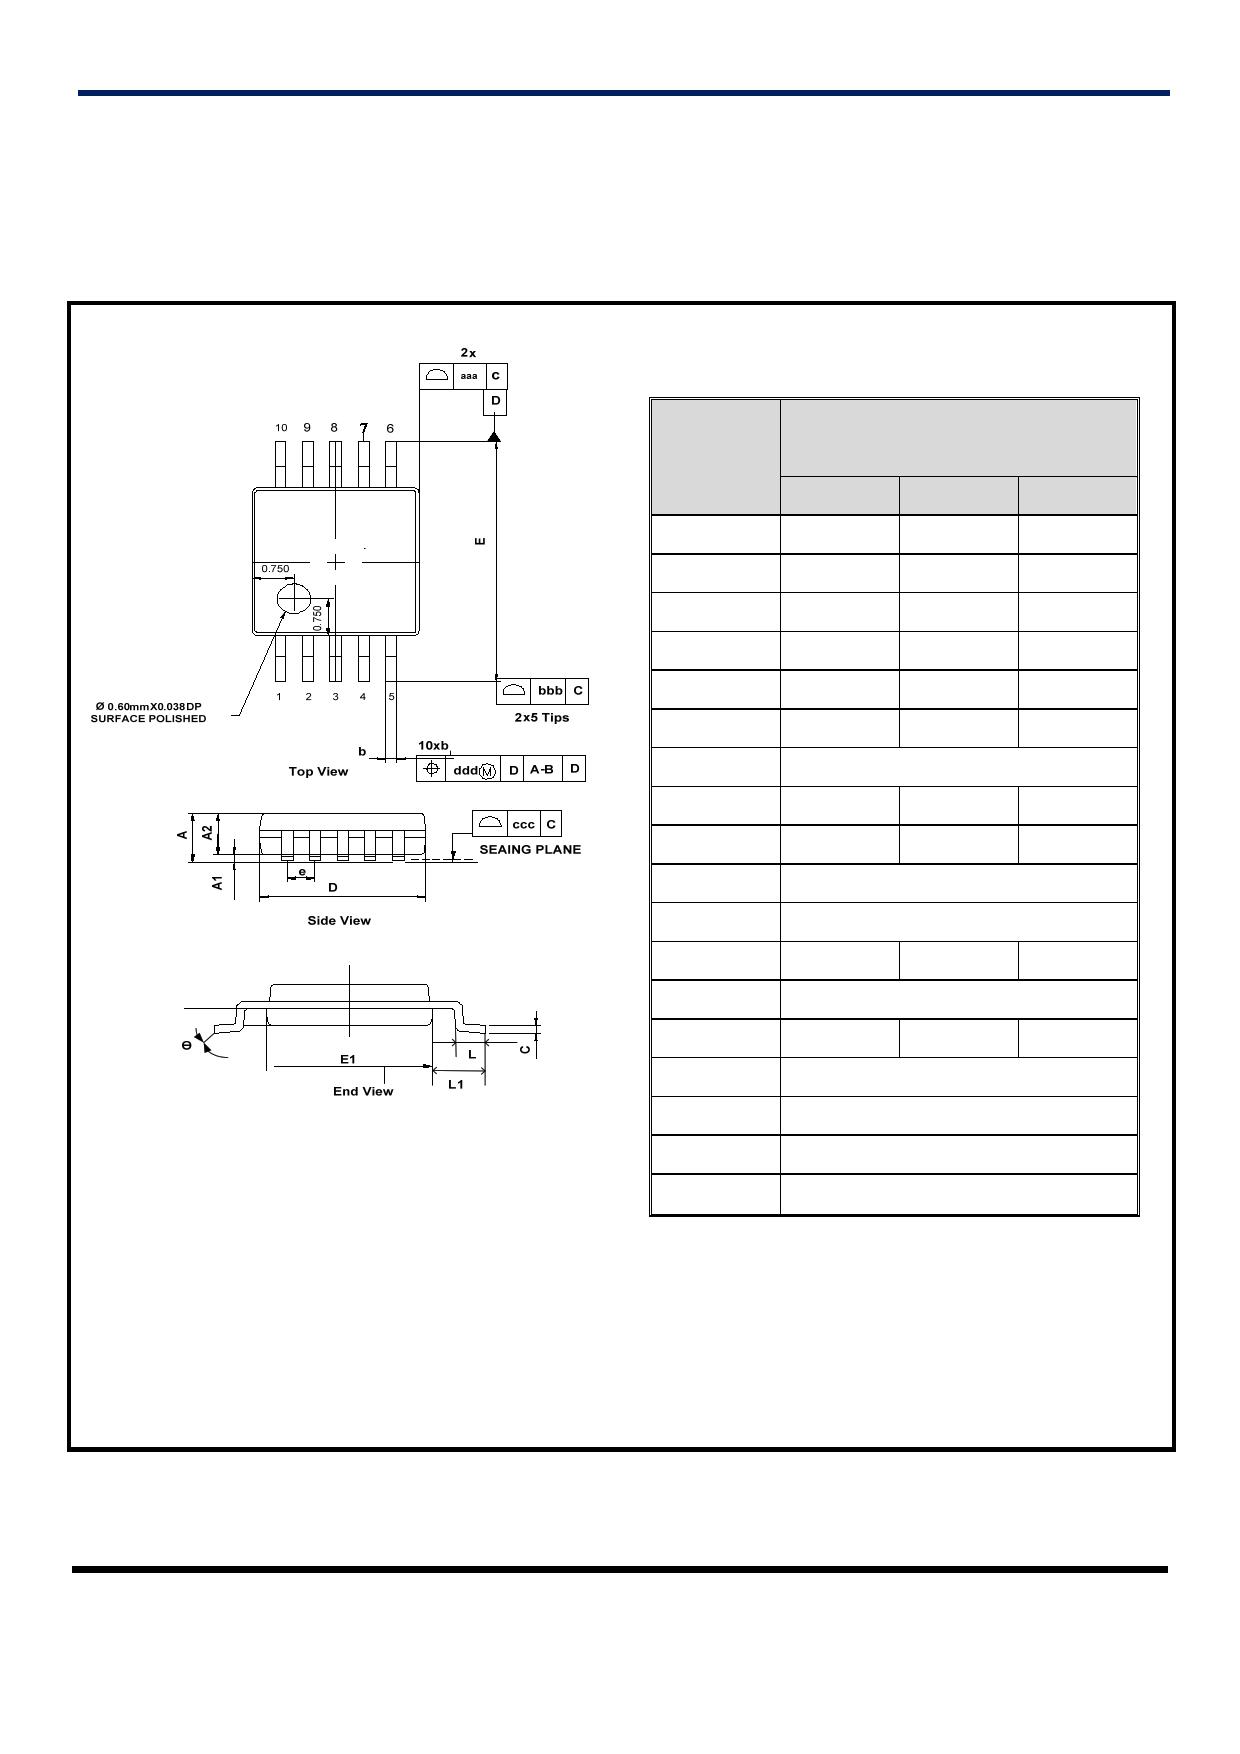 TPF605 pdf, datenblatt